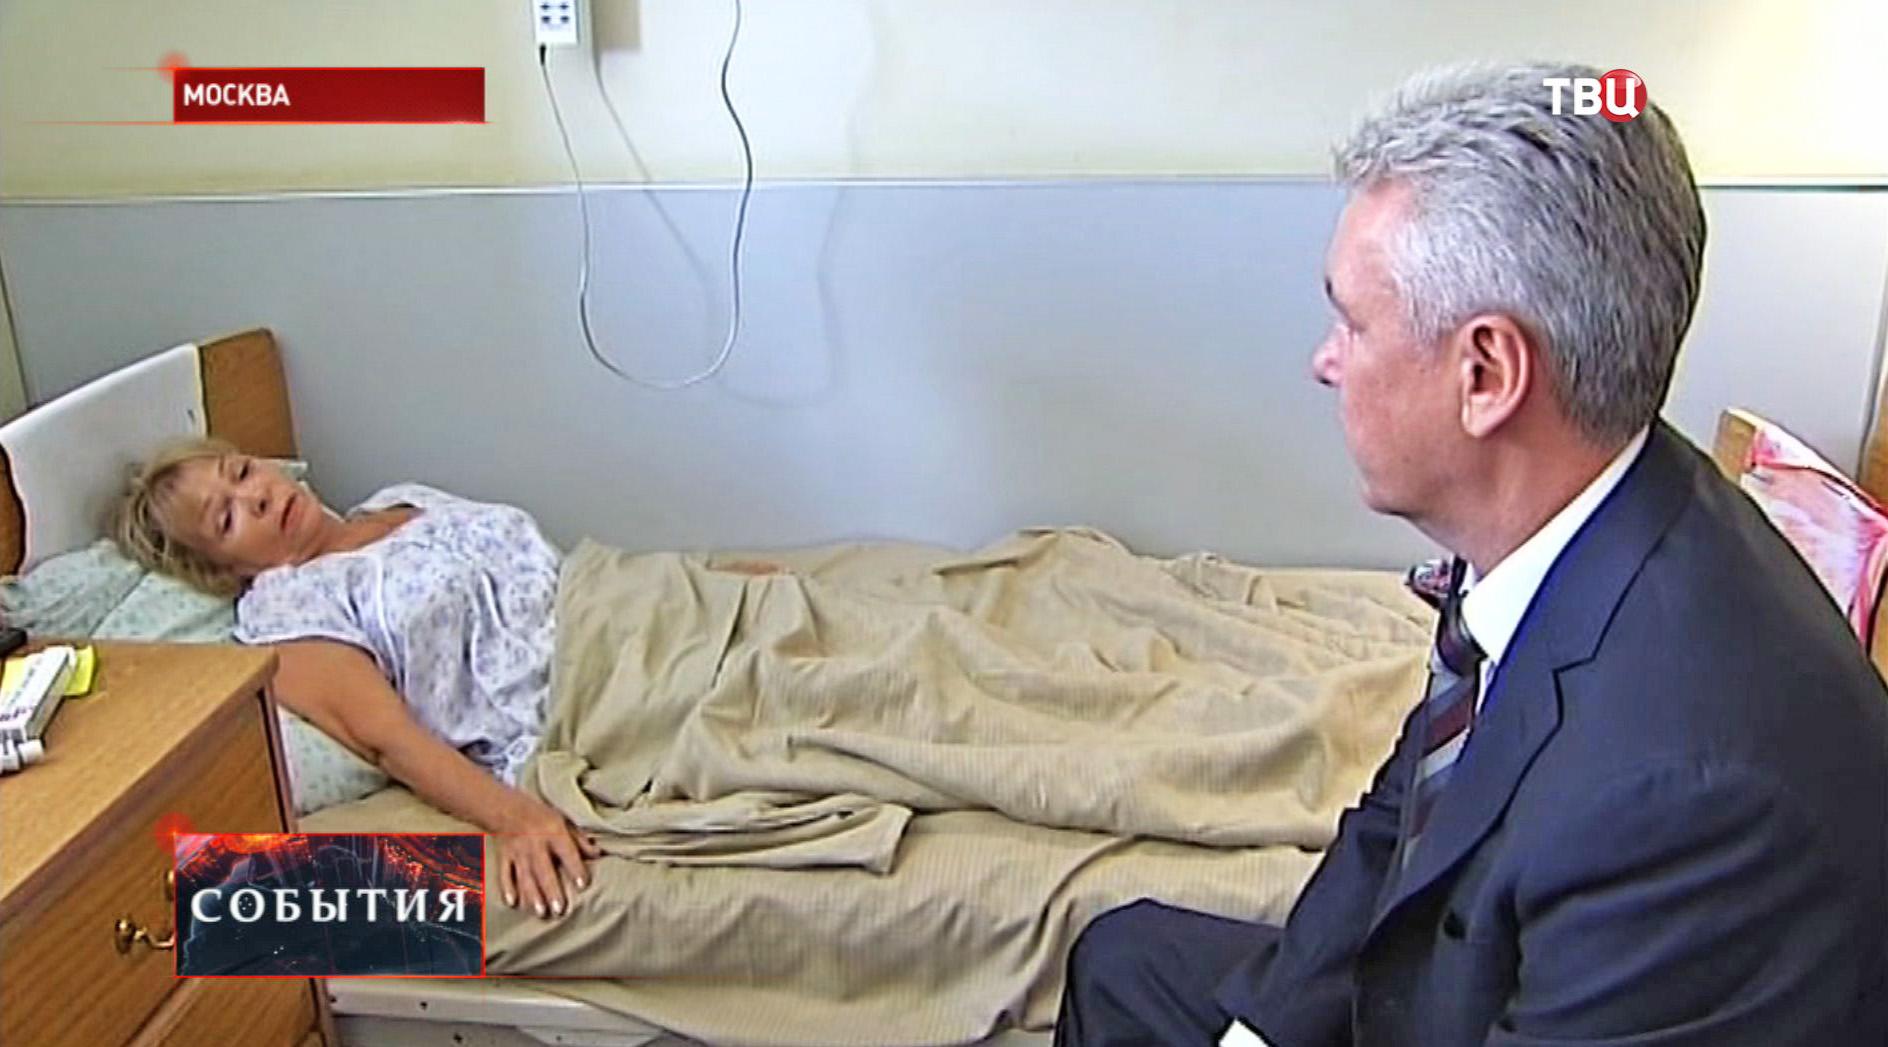 Сергей Собянин во время посещения пострадавших в Боткинской больнице